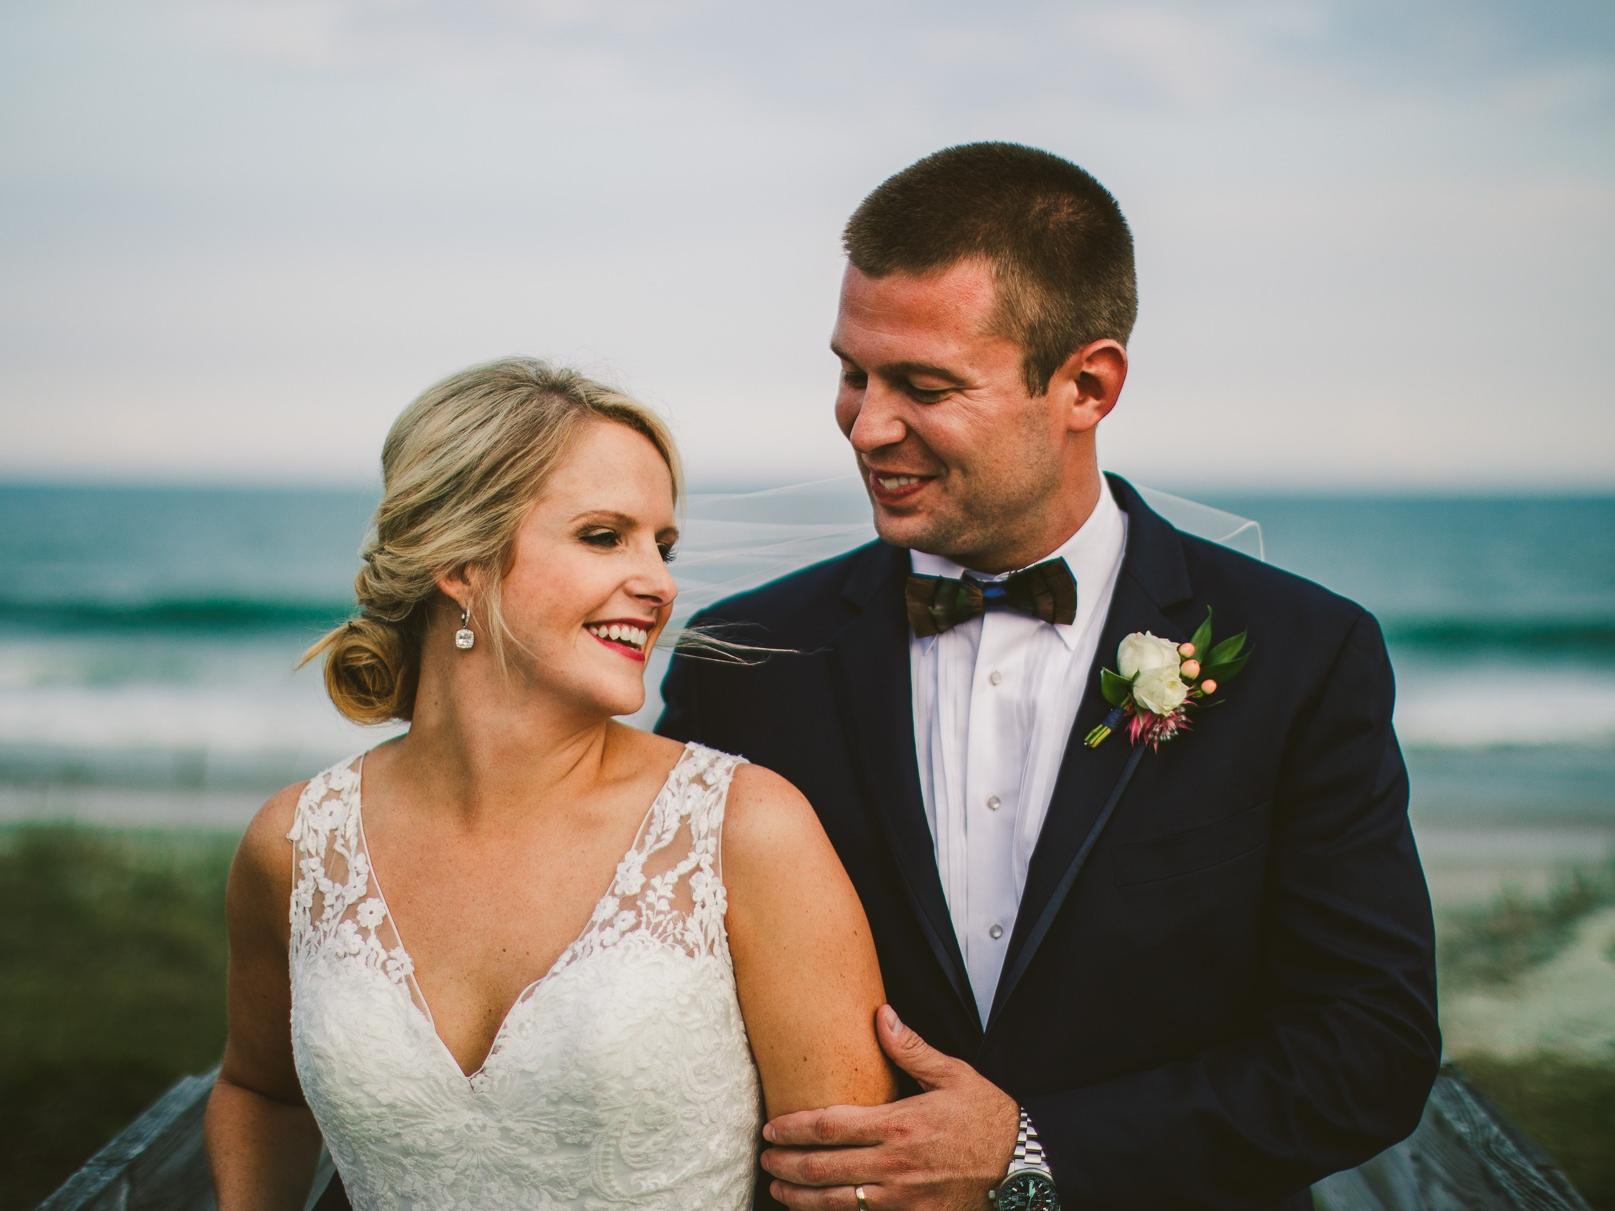 Lacey & Derek // Wedding - The Harbor & Yacht Club, Pawleys Island, SC 09.30.2017